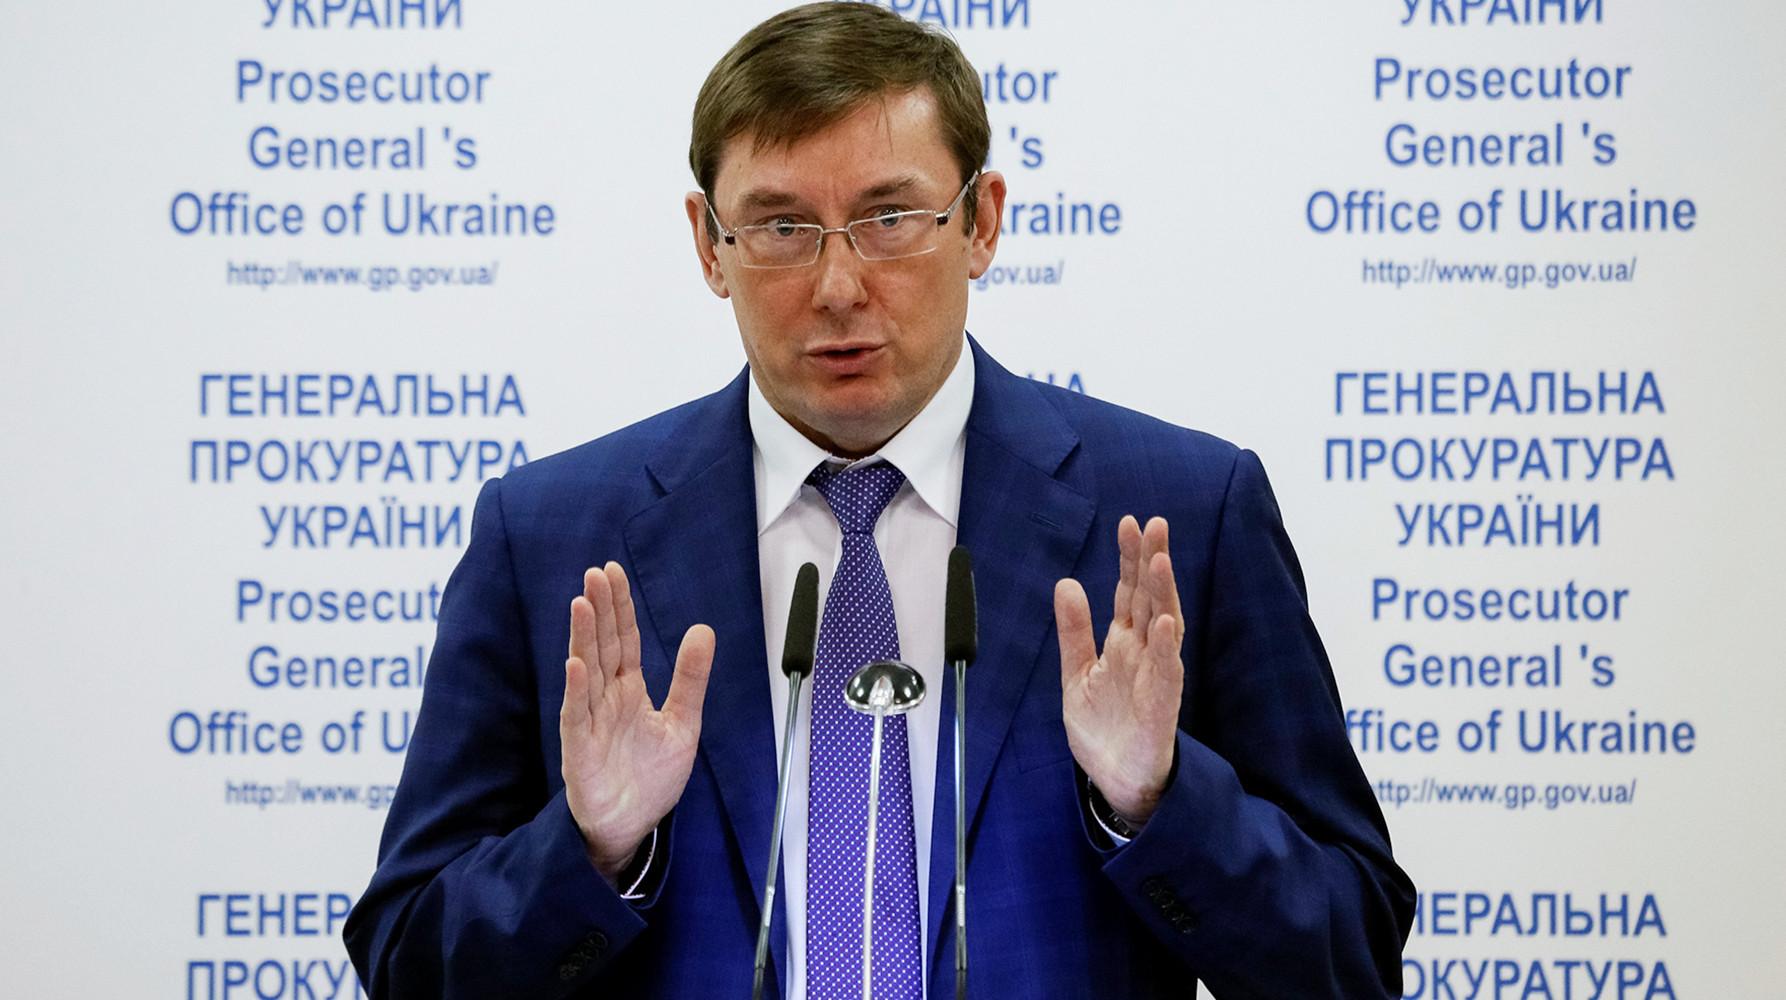 Почему украинские власти не спешат арестовывать Саакашвили за прорыв границы